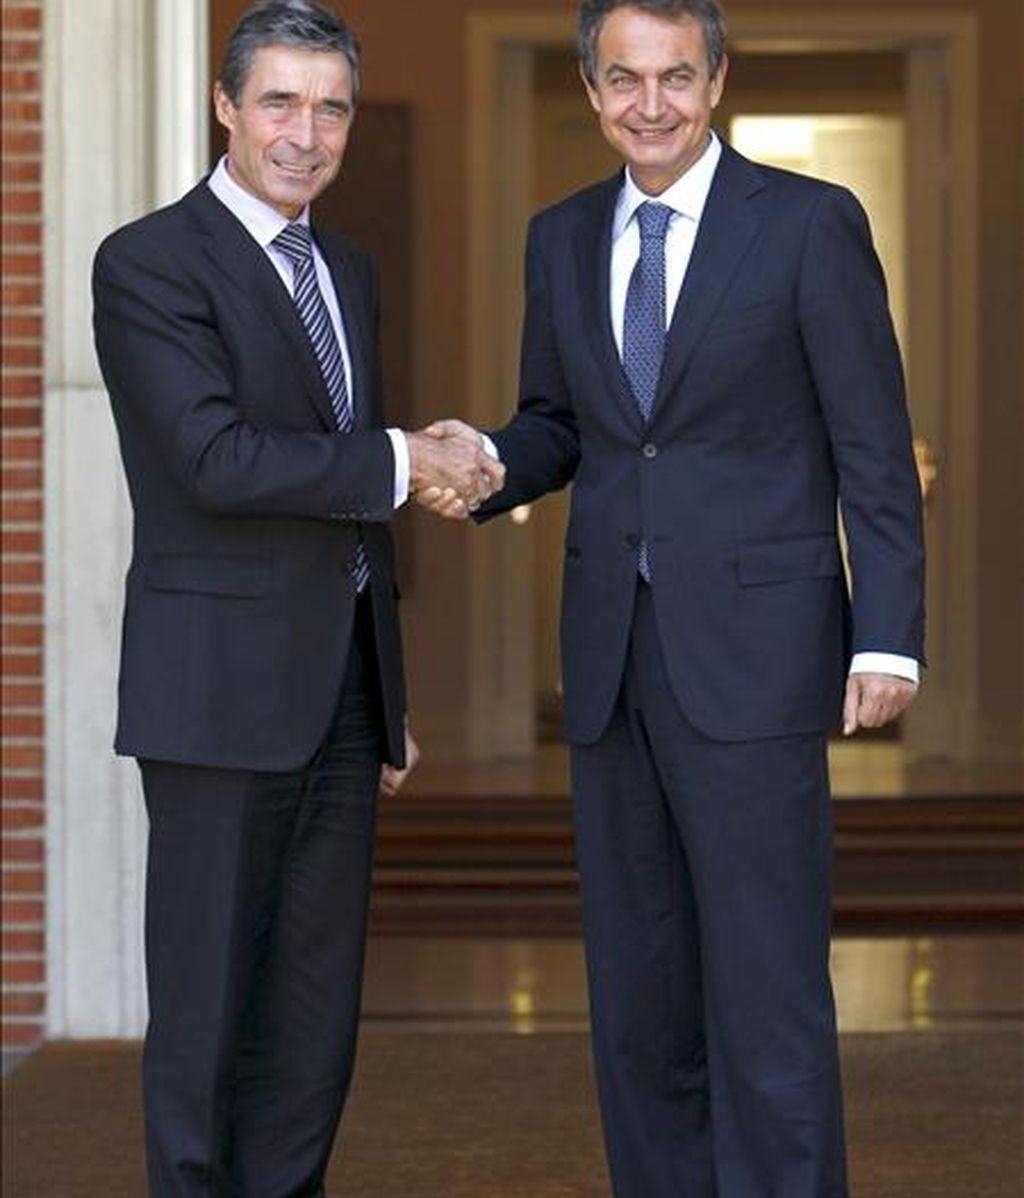 El presidente del Gobierno, José Luis Rodríguez Zapatero (d), saluda al secretario general de la OTAN, Anders Fogh Rasmussen, a quien recibió hoy en el Palacio de la Moncloa con motivo de su visita de trabajo a España. EFE